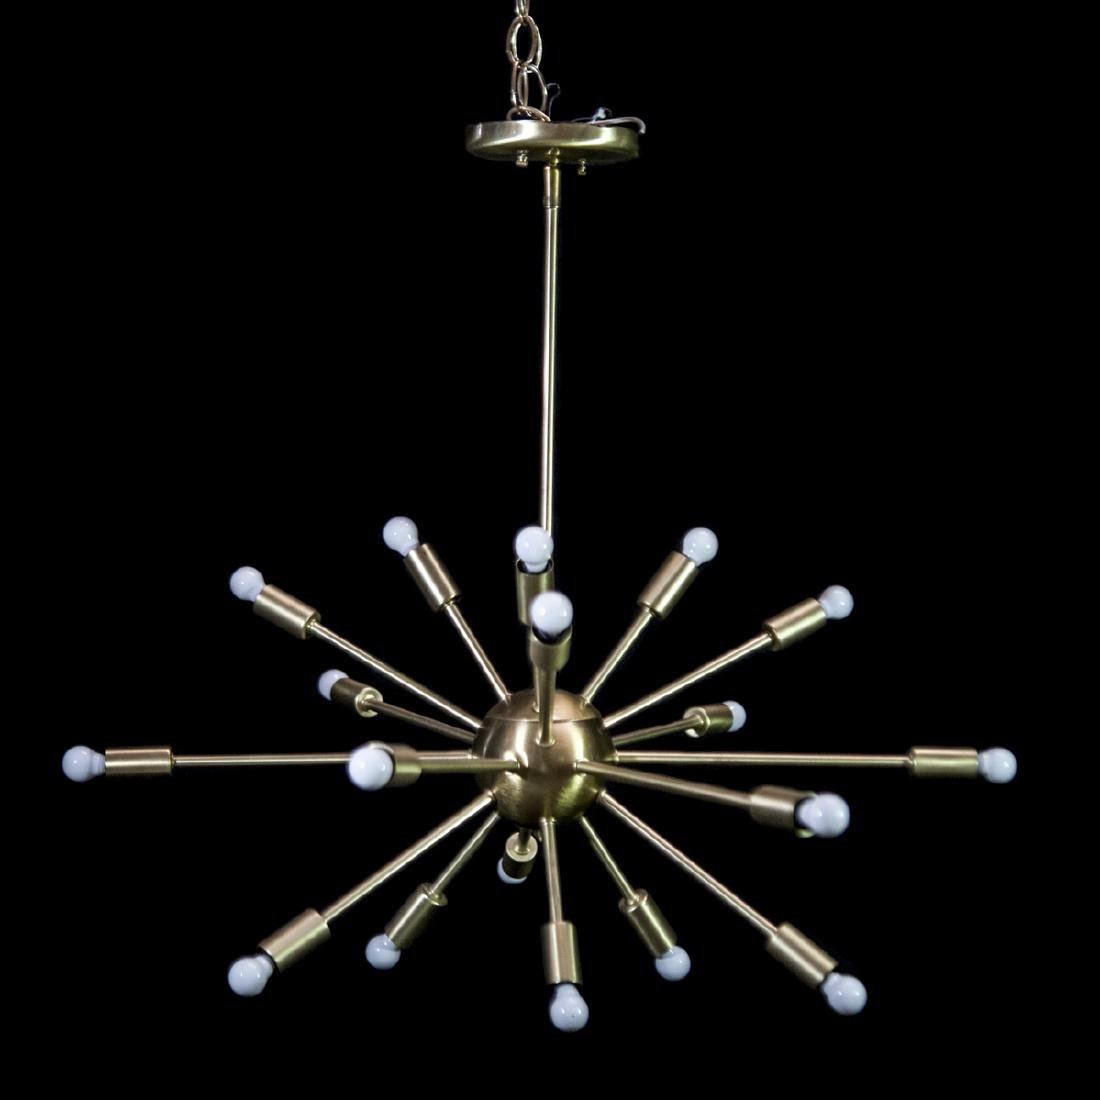 Vintage 16 Light Sputnik Lamp